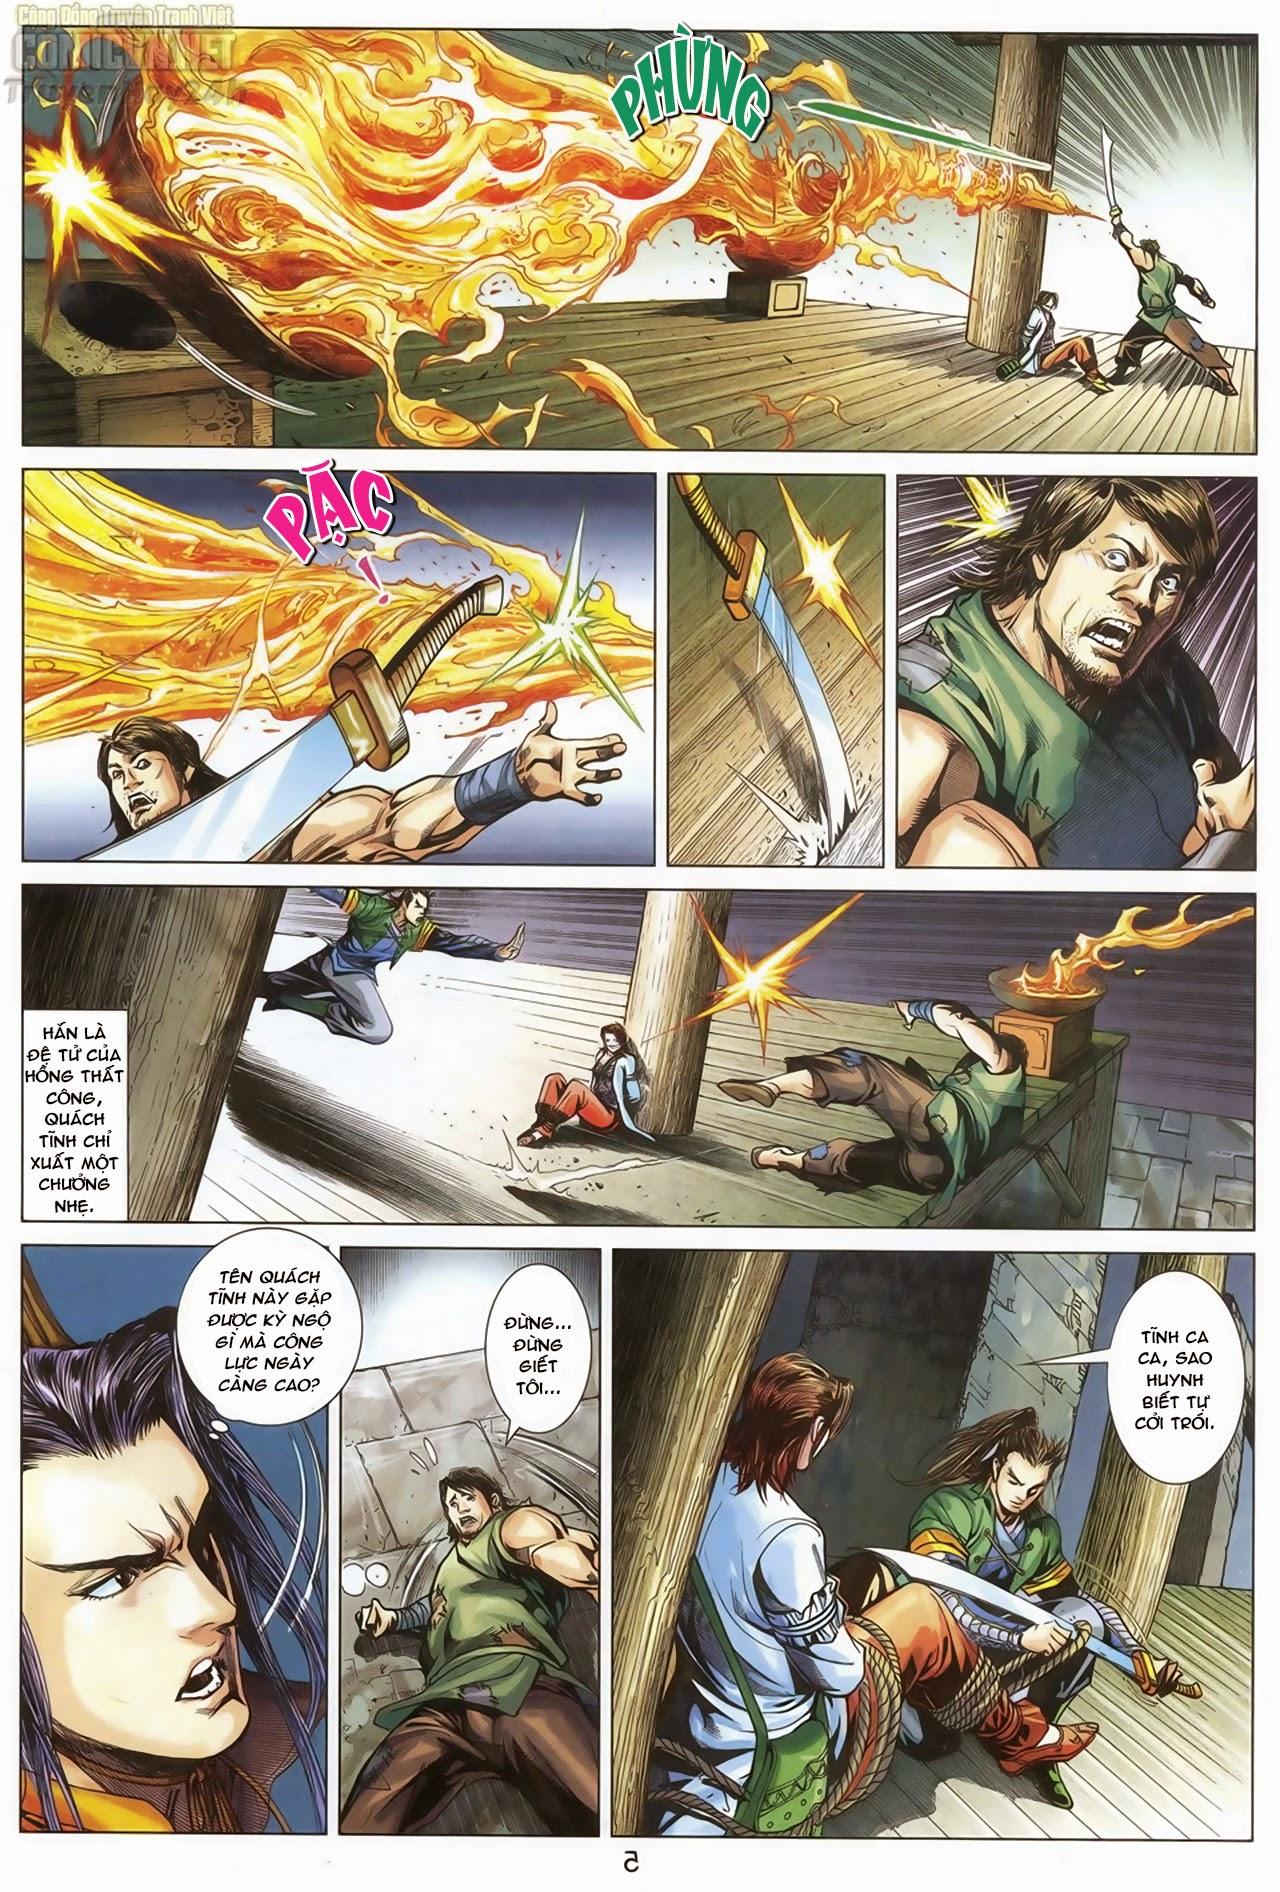 Anh Hùng Xạ Điêu anh hùng xạ đêu chap 67: quyết chiến hiên viên đài trang 5